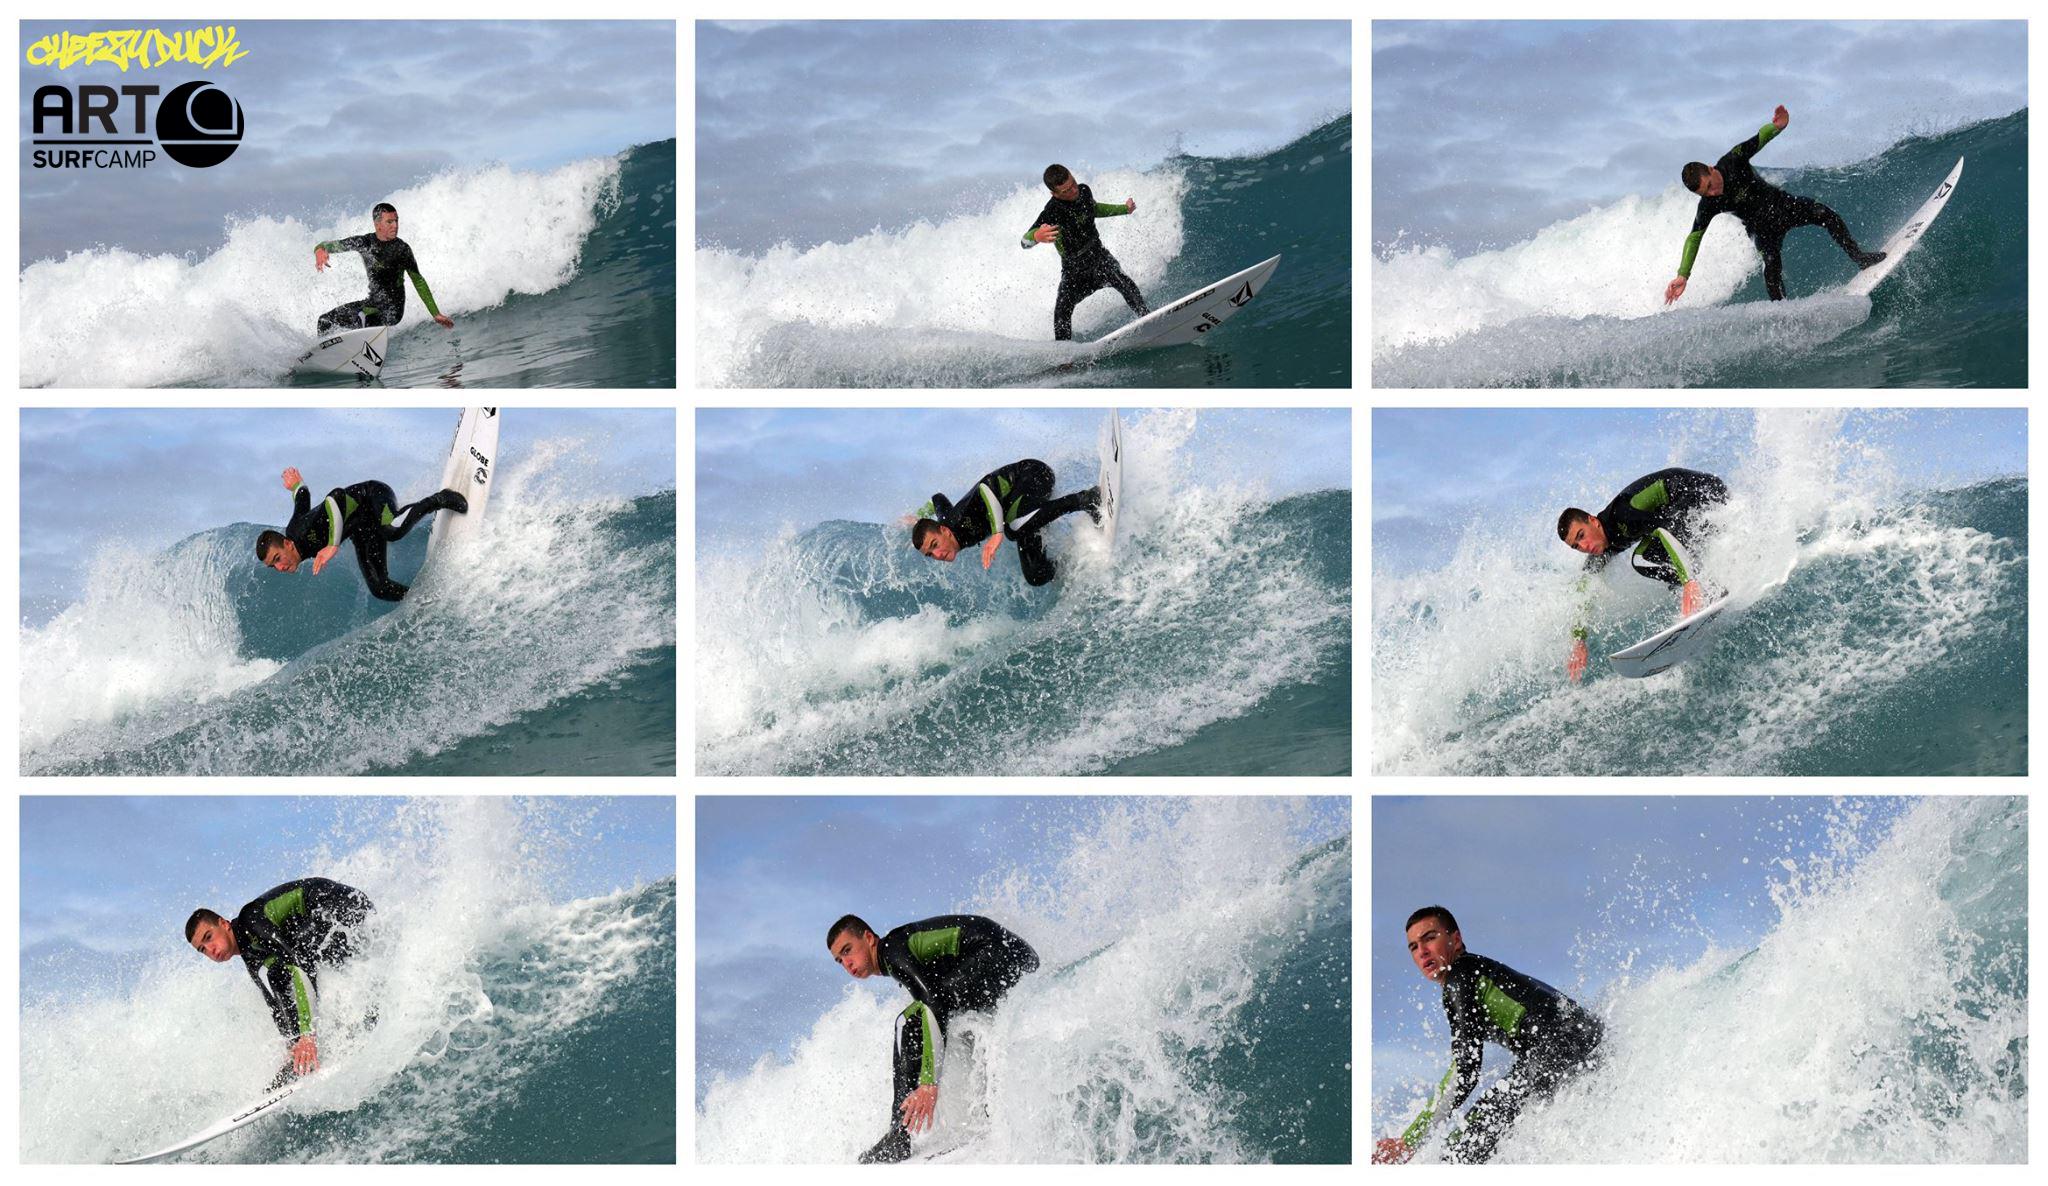 Surfistas Profesionales Eligen Artsurfcamp Para Entrenar Su Surfing